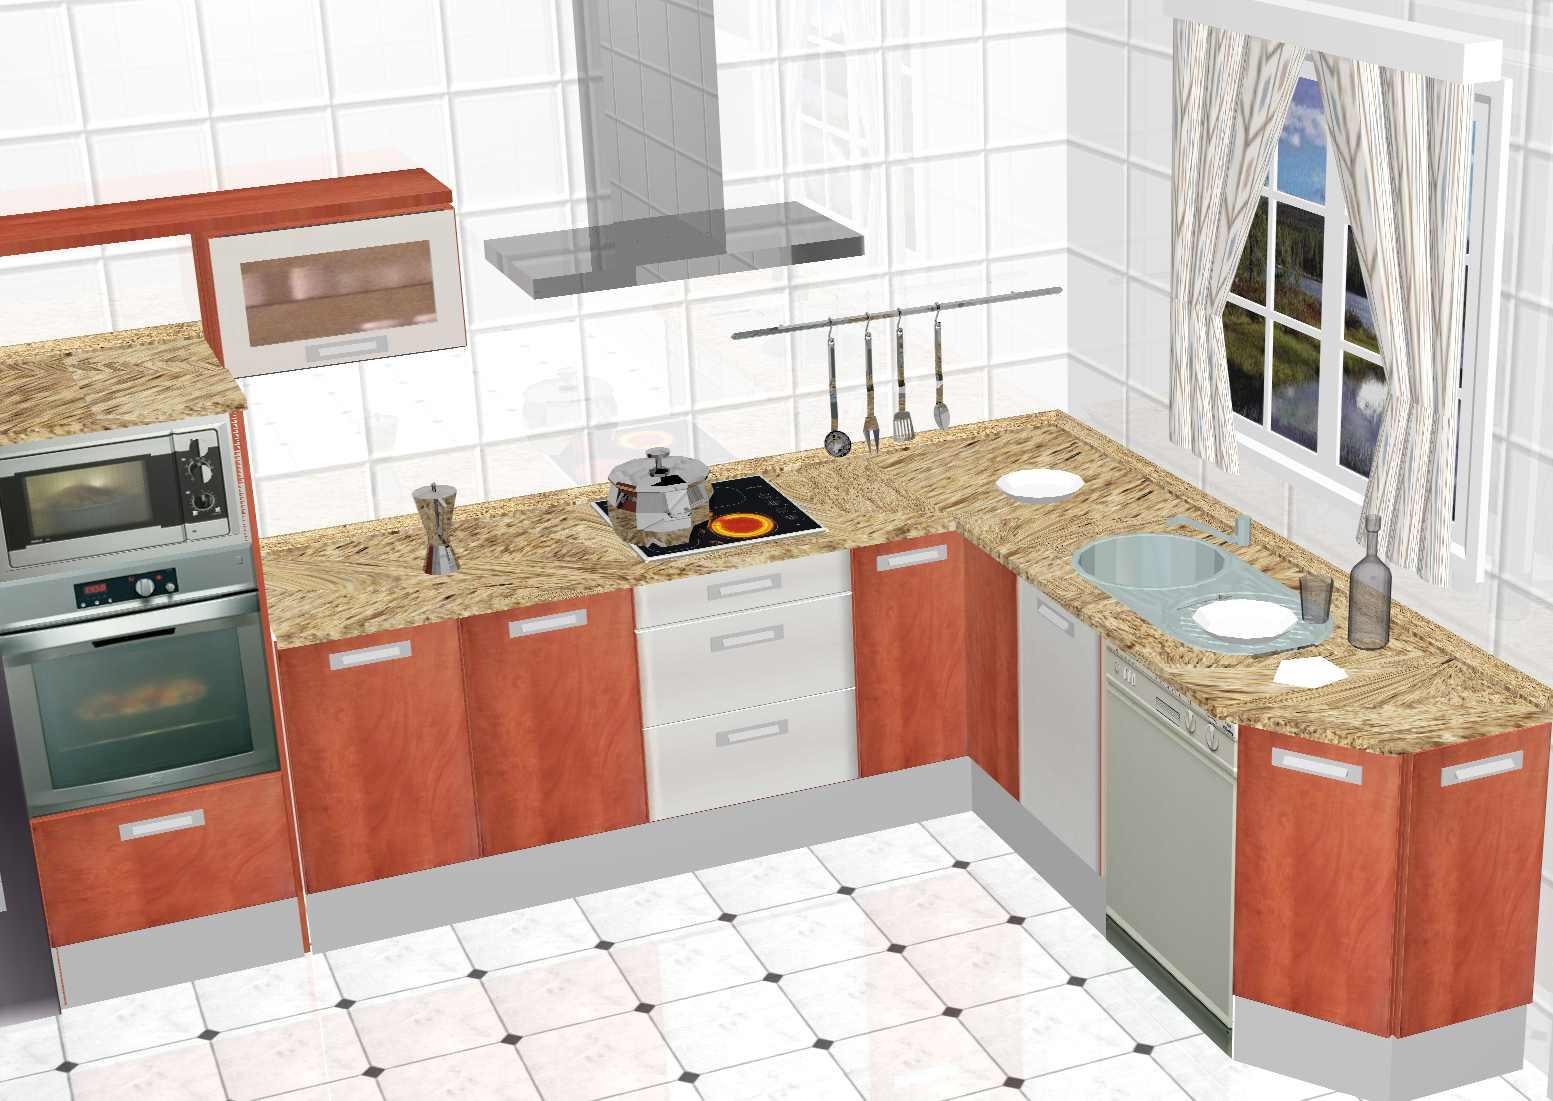 Dise o de cocinas en 3d fotorealismo planos dise o de for Ver modelos de muebles de cocina